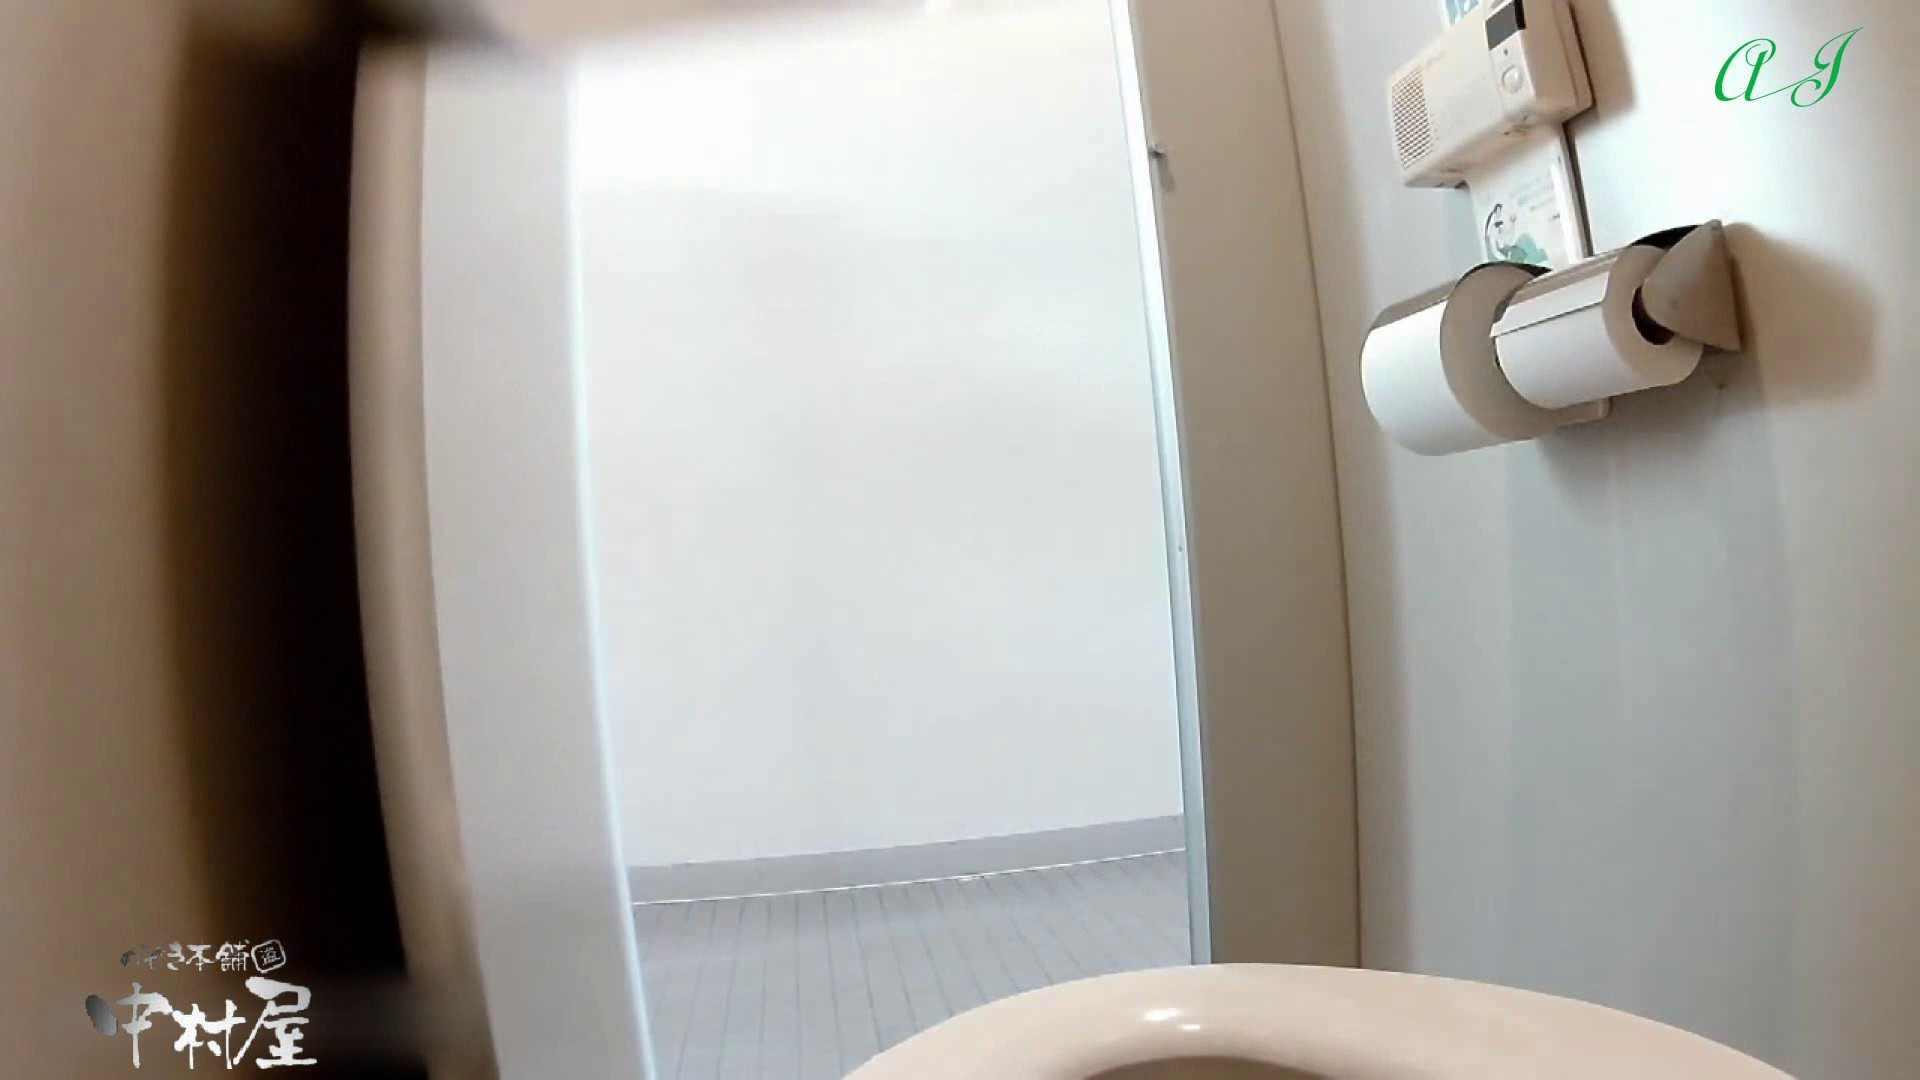 有名大学女性洗面所 vol.83 後編 和式 アダルト動画キャプチャ 104PIX 92